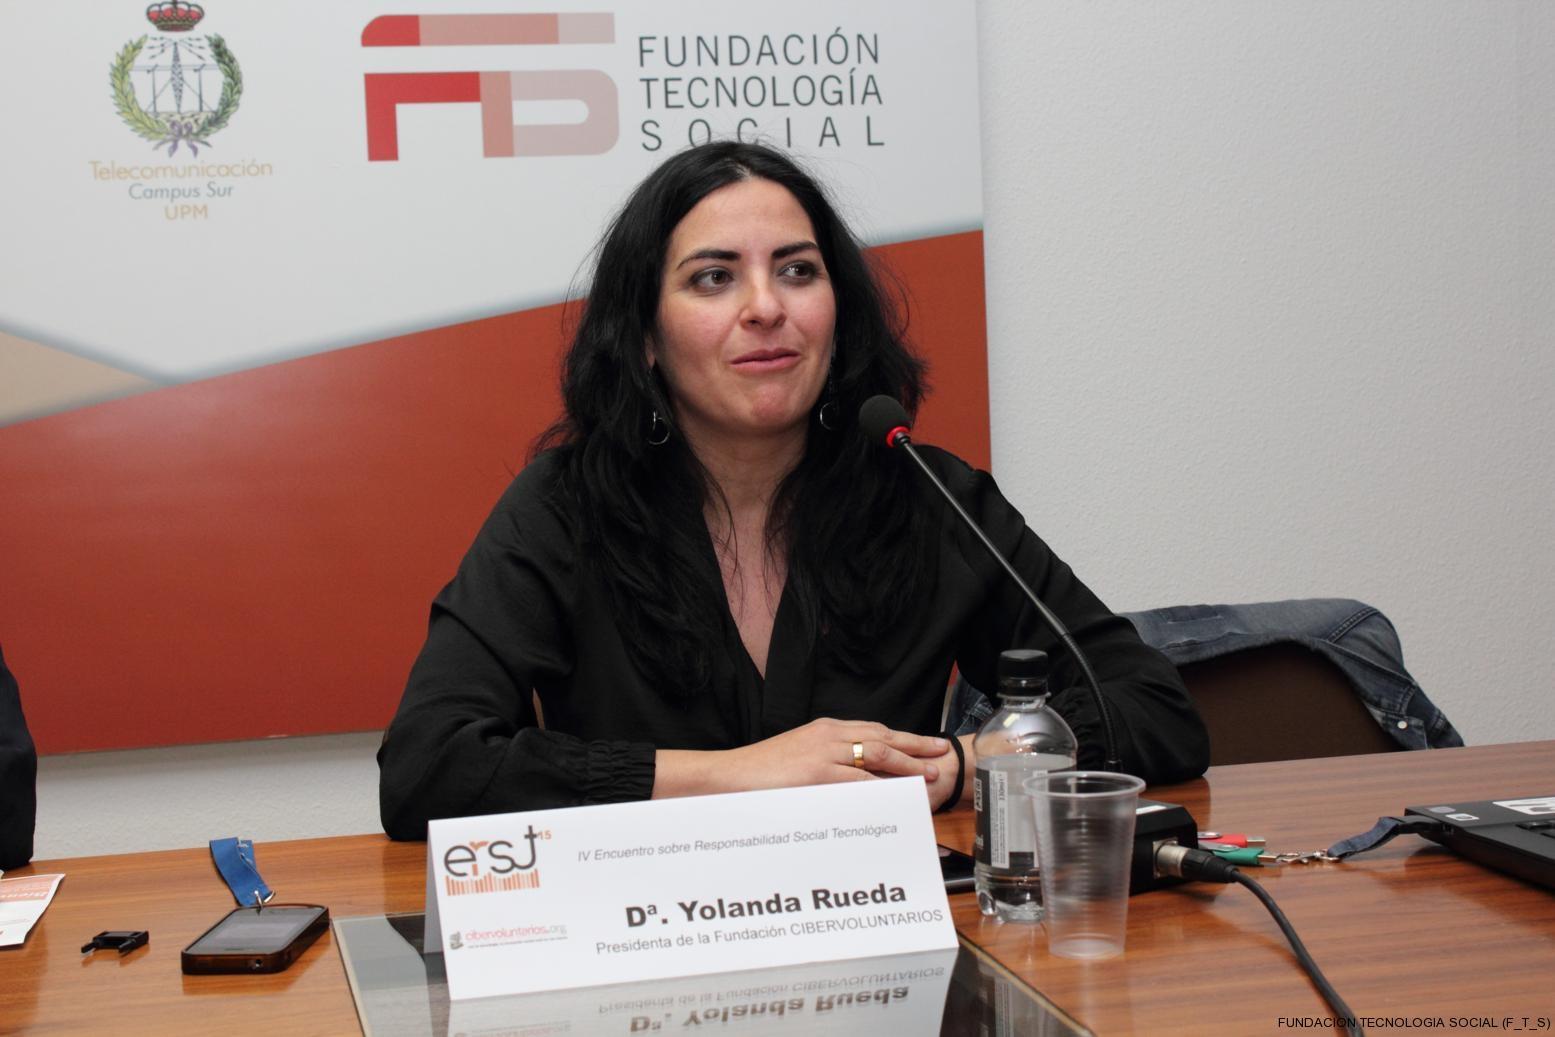 914-Yolanda-Rueda.JPG